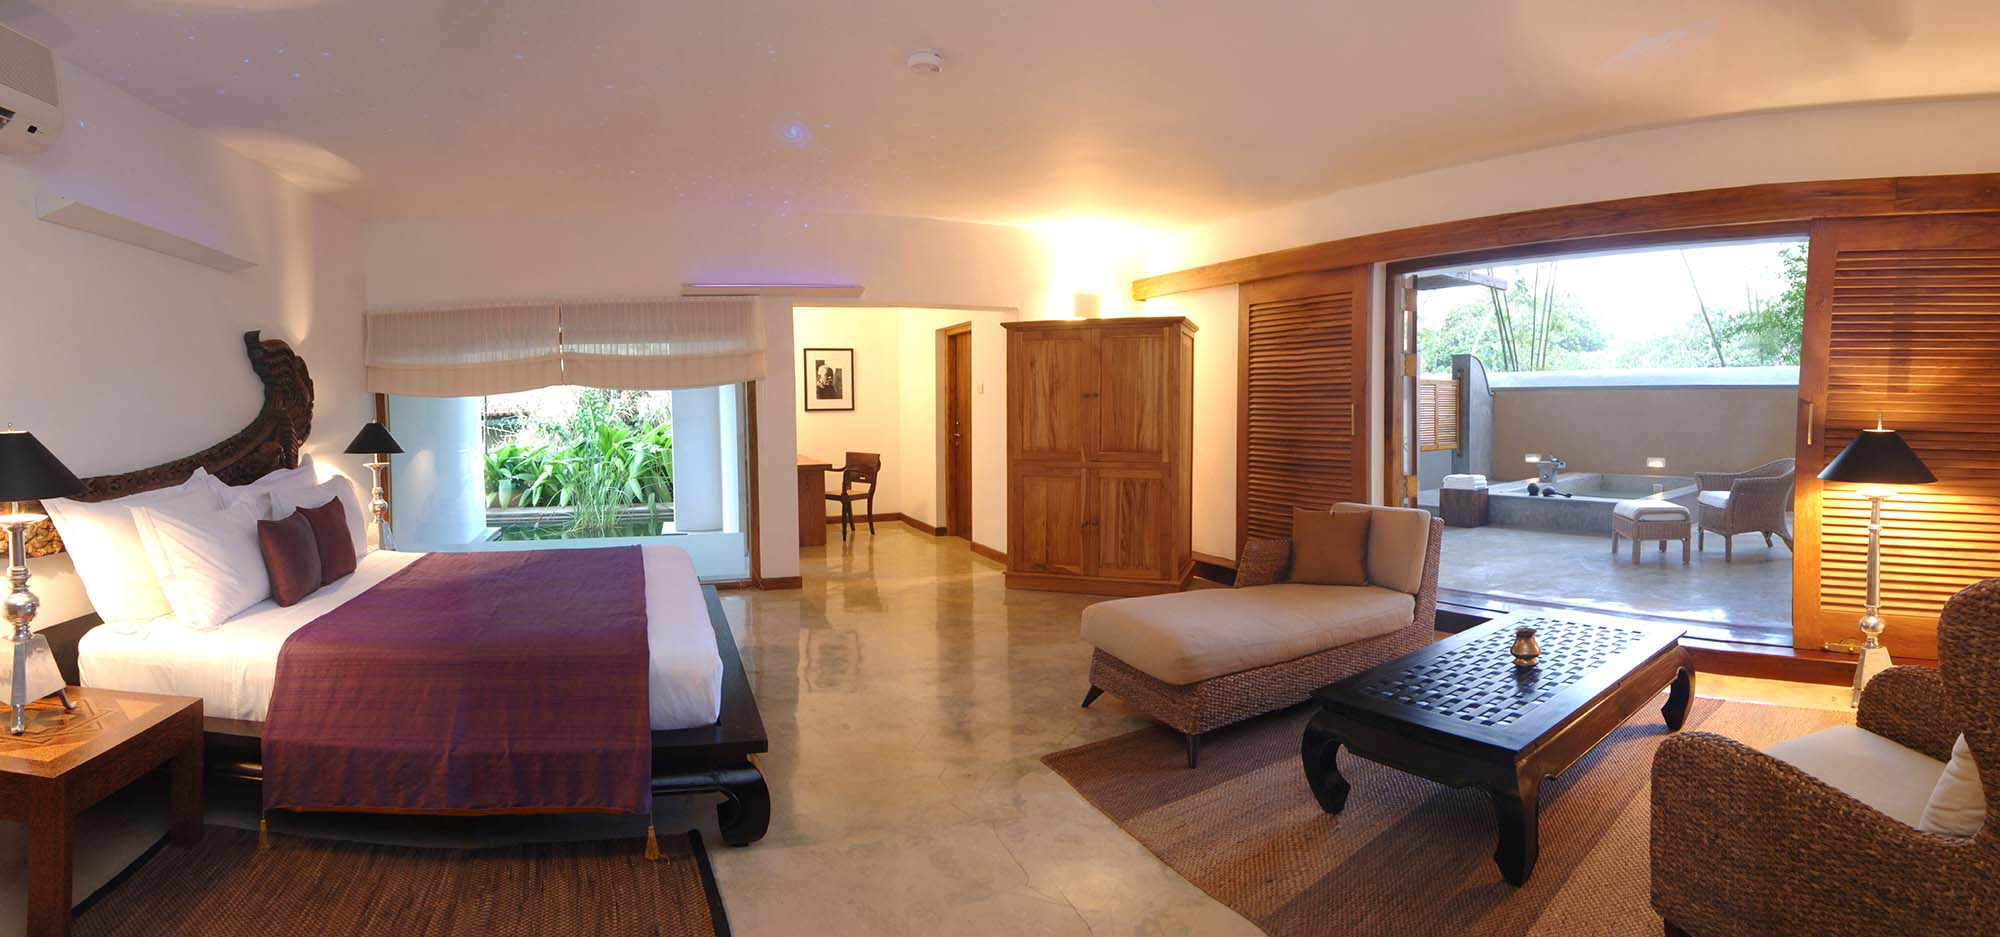 Aditya_Shanthi_Suite_-_Bedroom.jpg